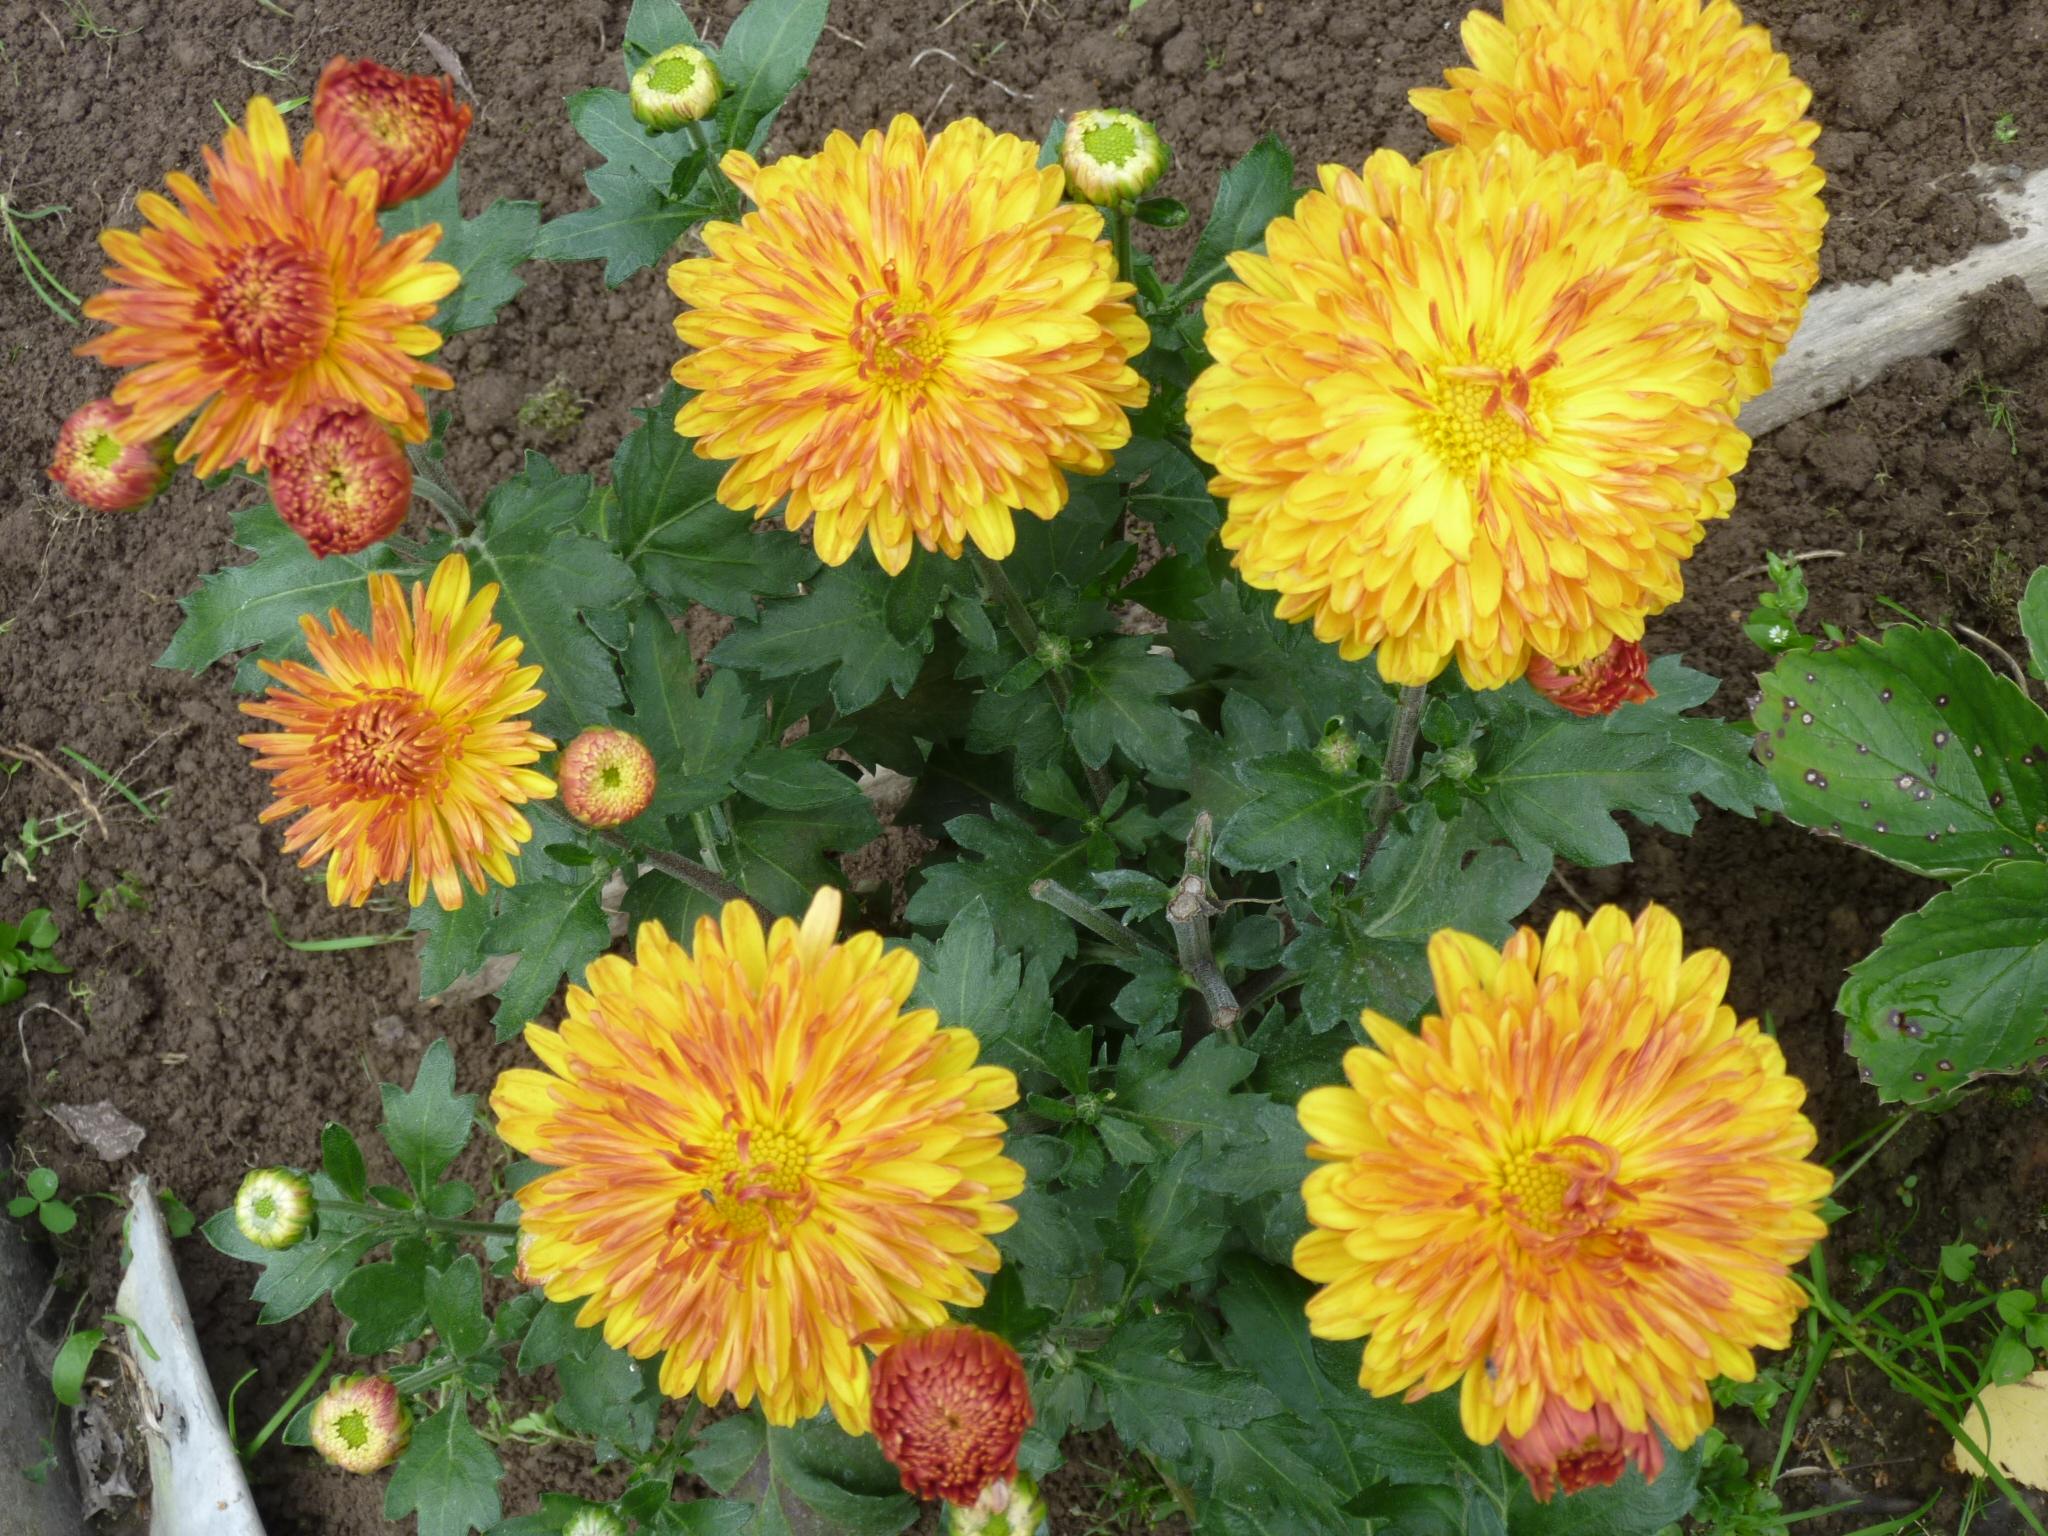 хризантема описание фото корейская золотая осень имеет пластмассовый